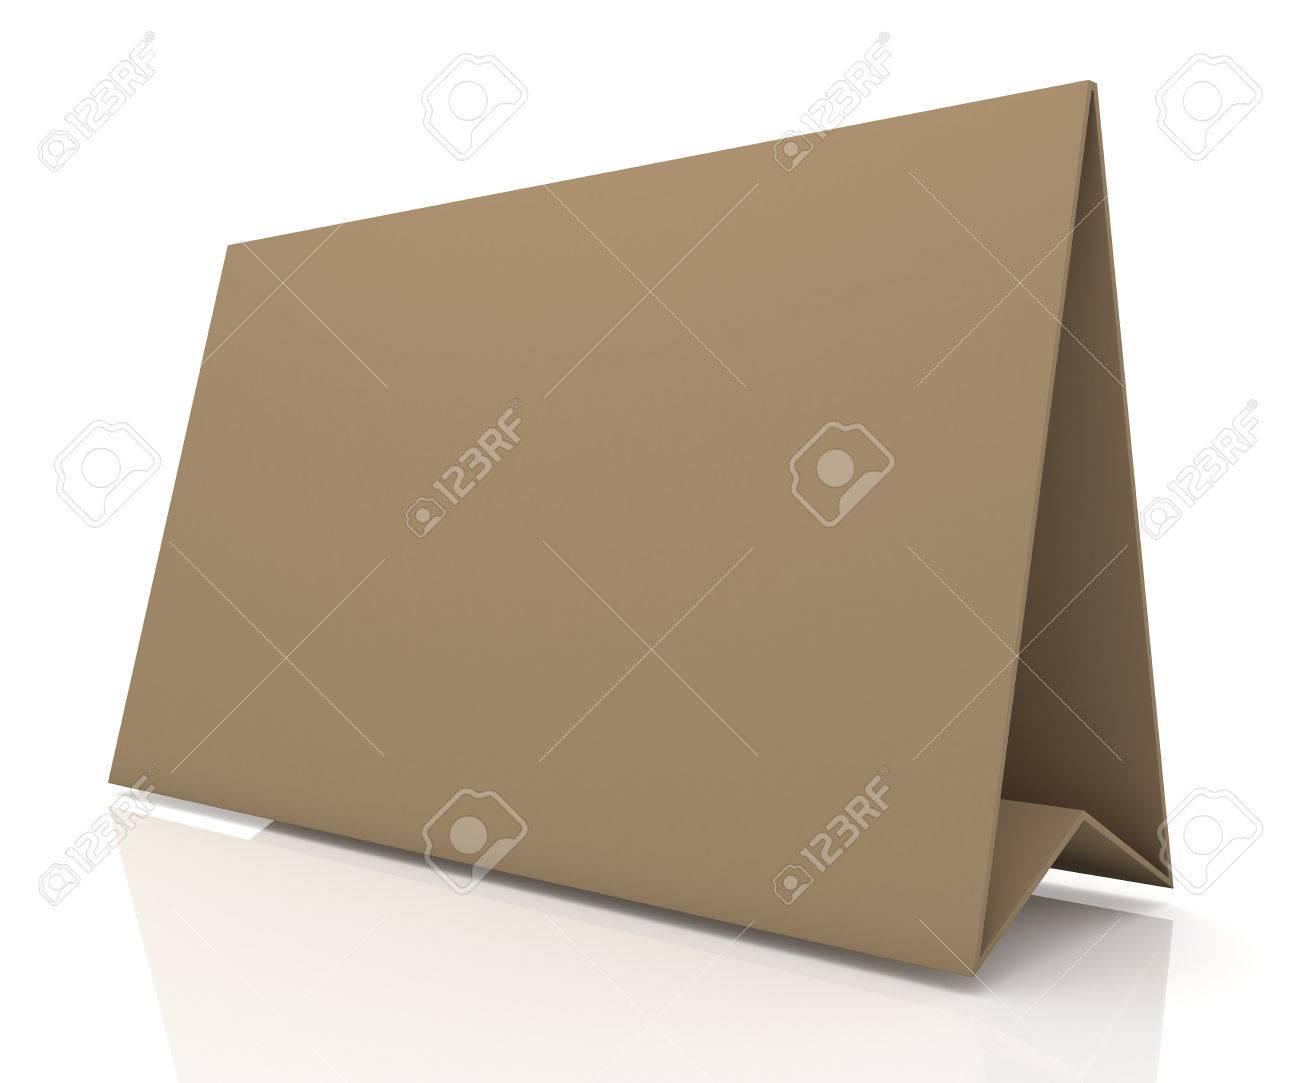 D mate originale papiers bruns de carton écran large bureau en